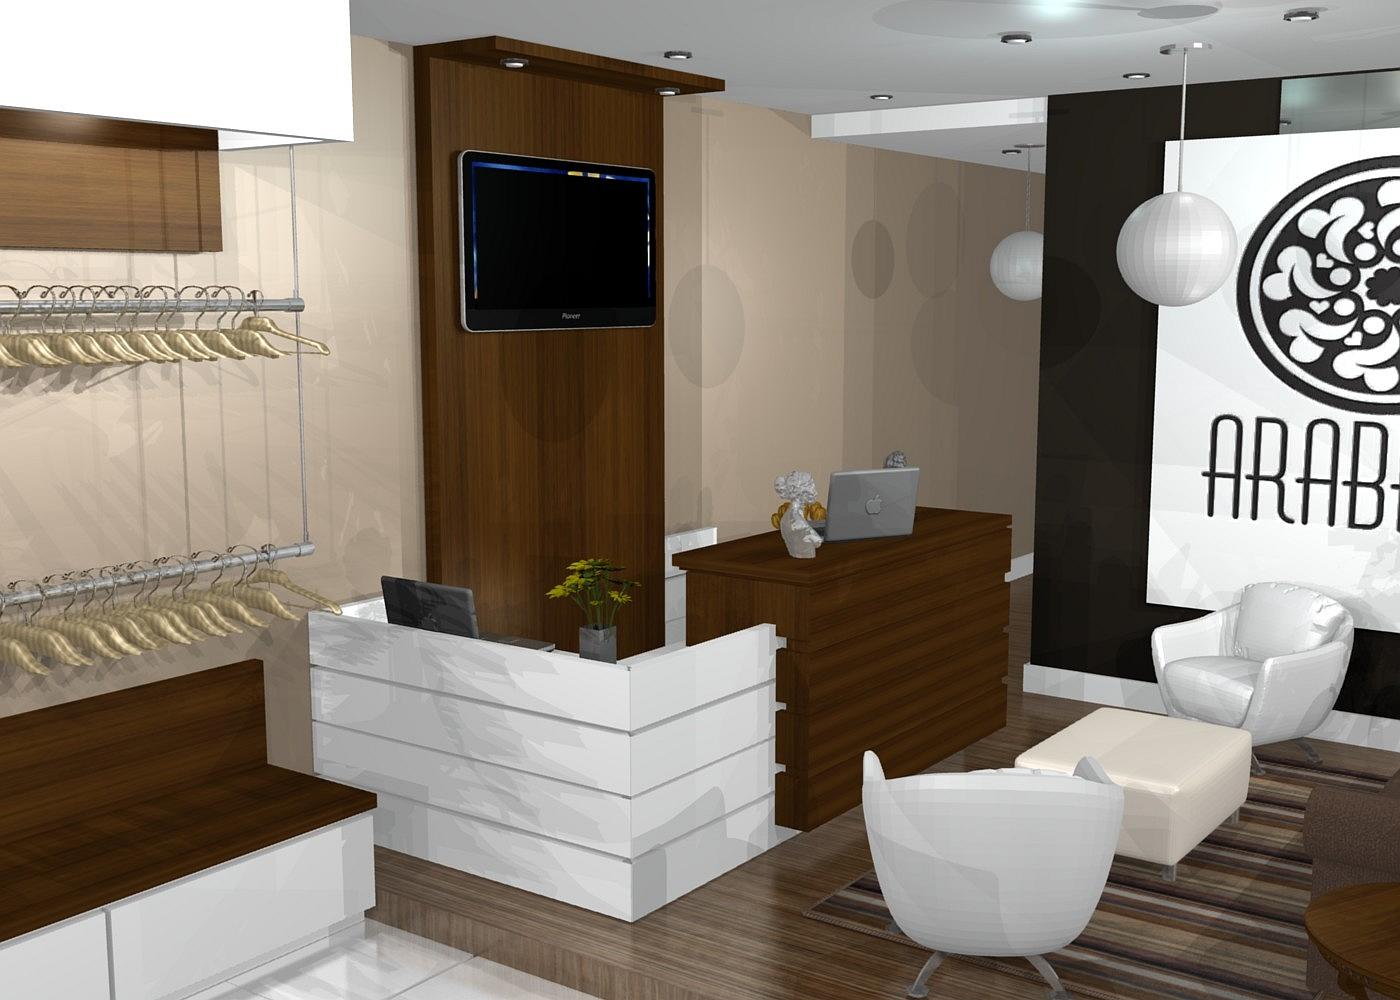 Another Image For armario planejado cozinha casas bahia #342414 1400 1000